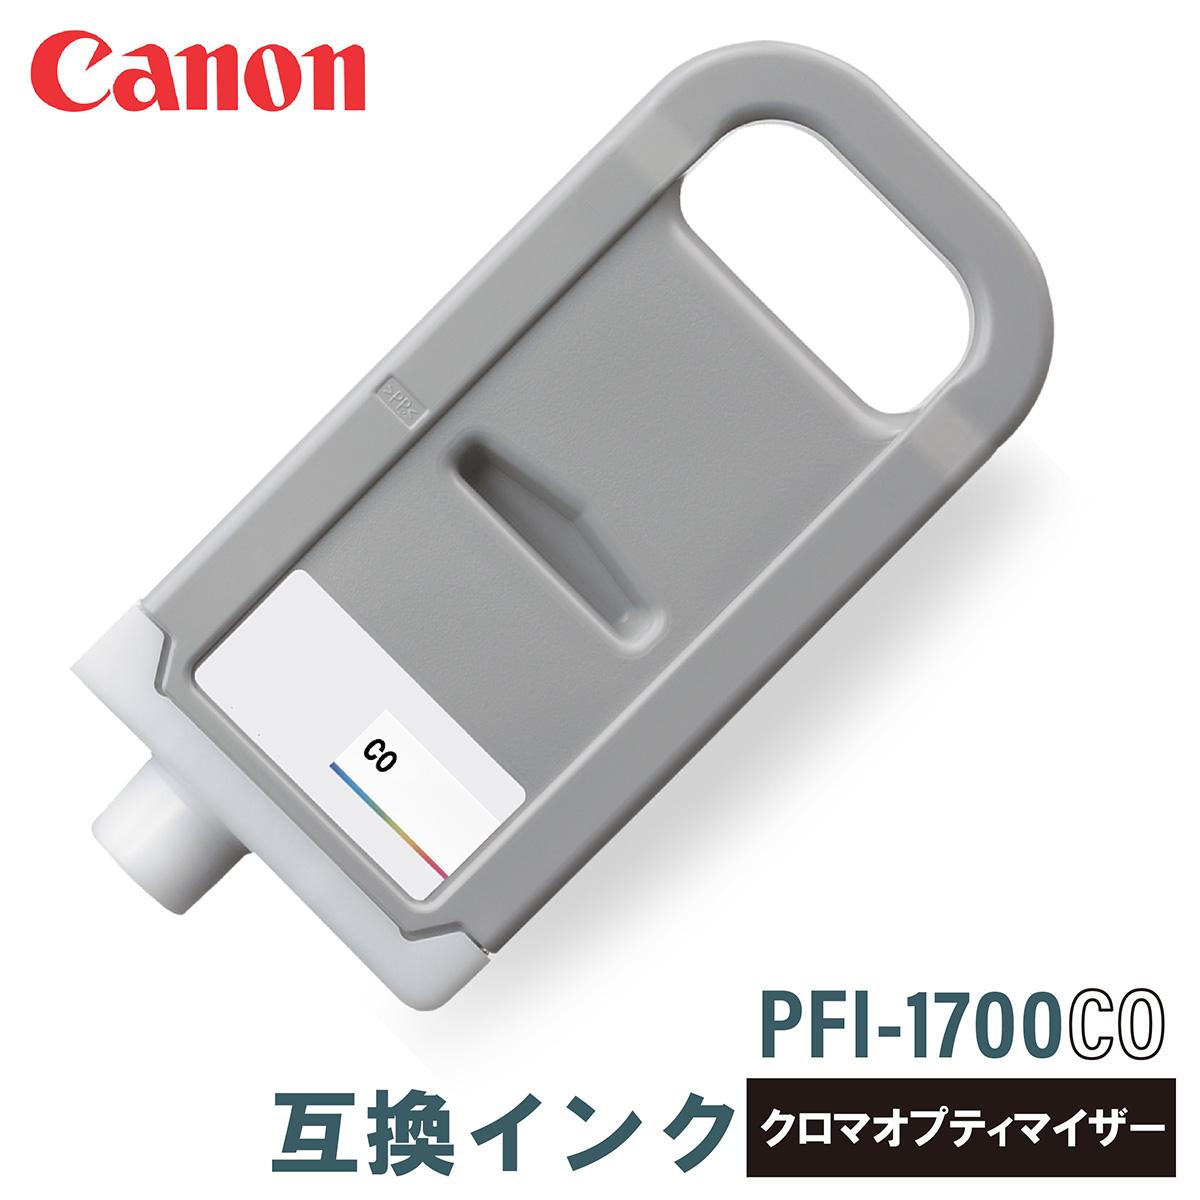 キヤノン 互換インク CANON PFI-1700CO クロマオプティマイザー 700ml